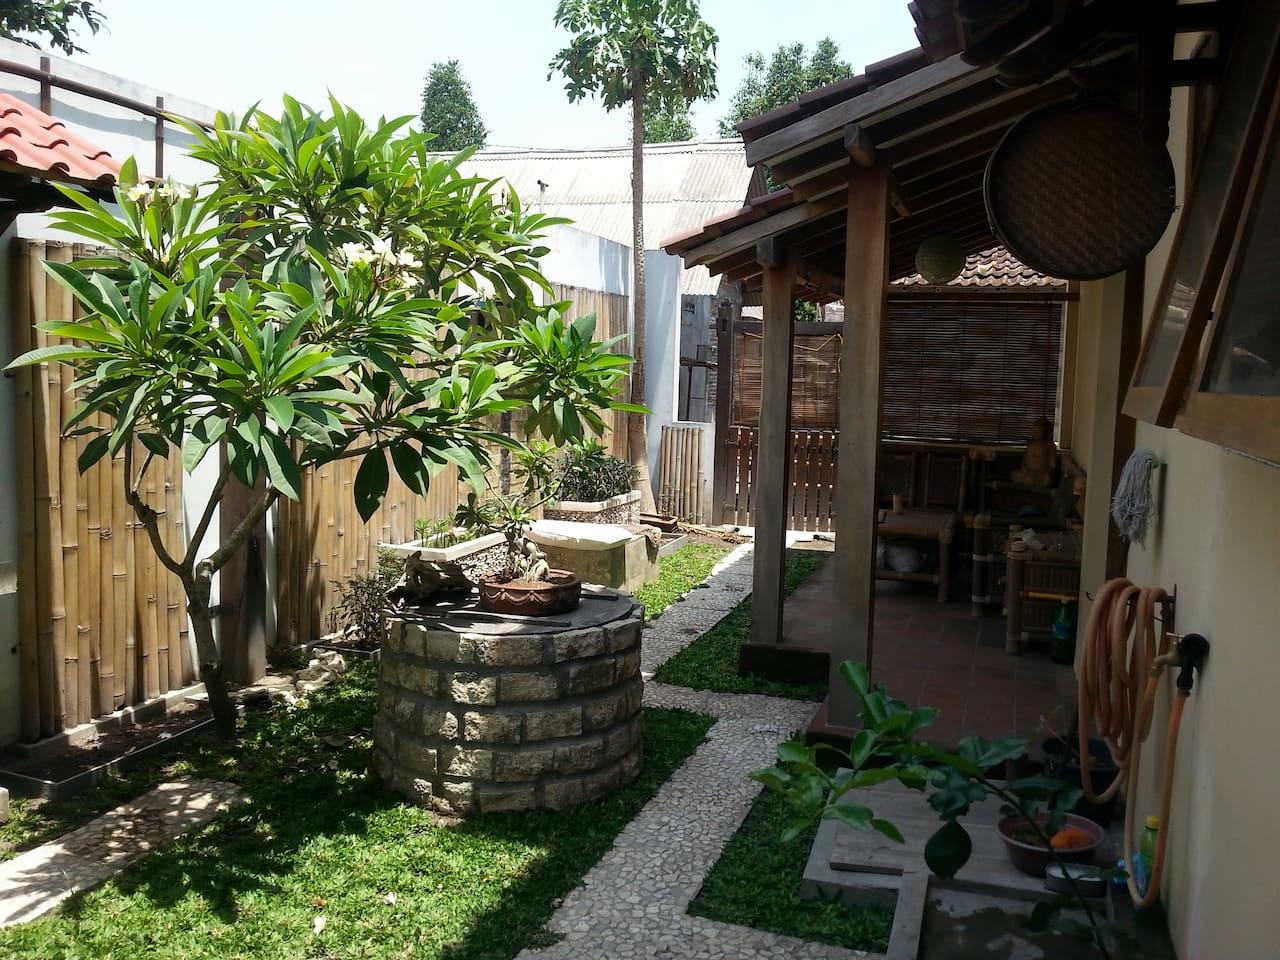 Petit jardin très agréable  situe derrière la maison idéal pour prendre le petit dej' et l'apéro !